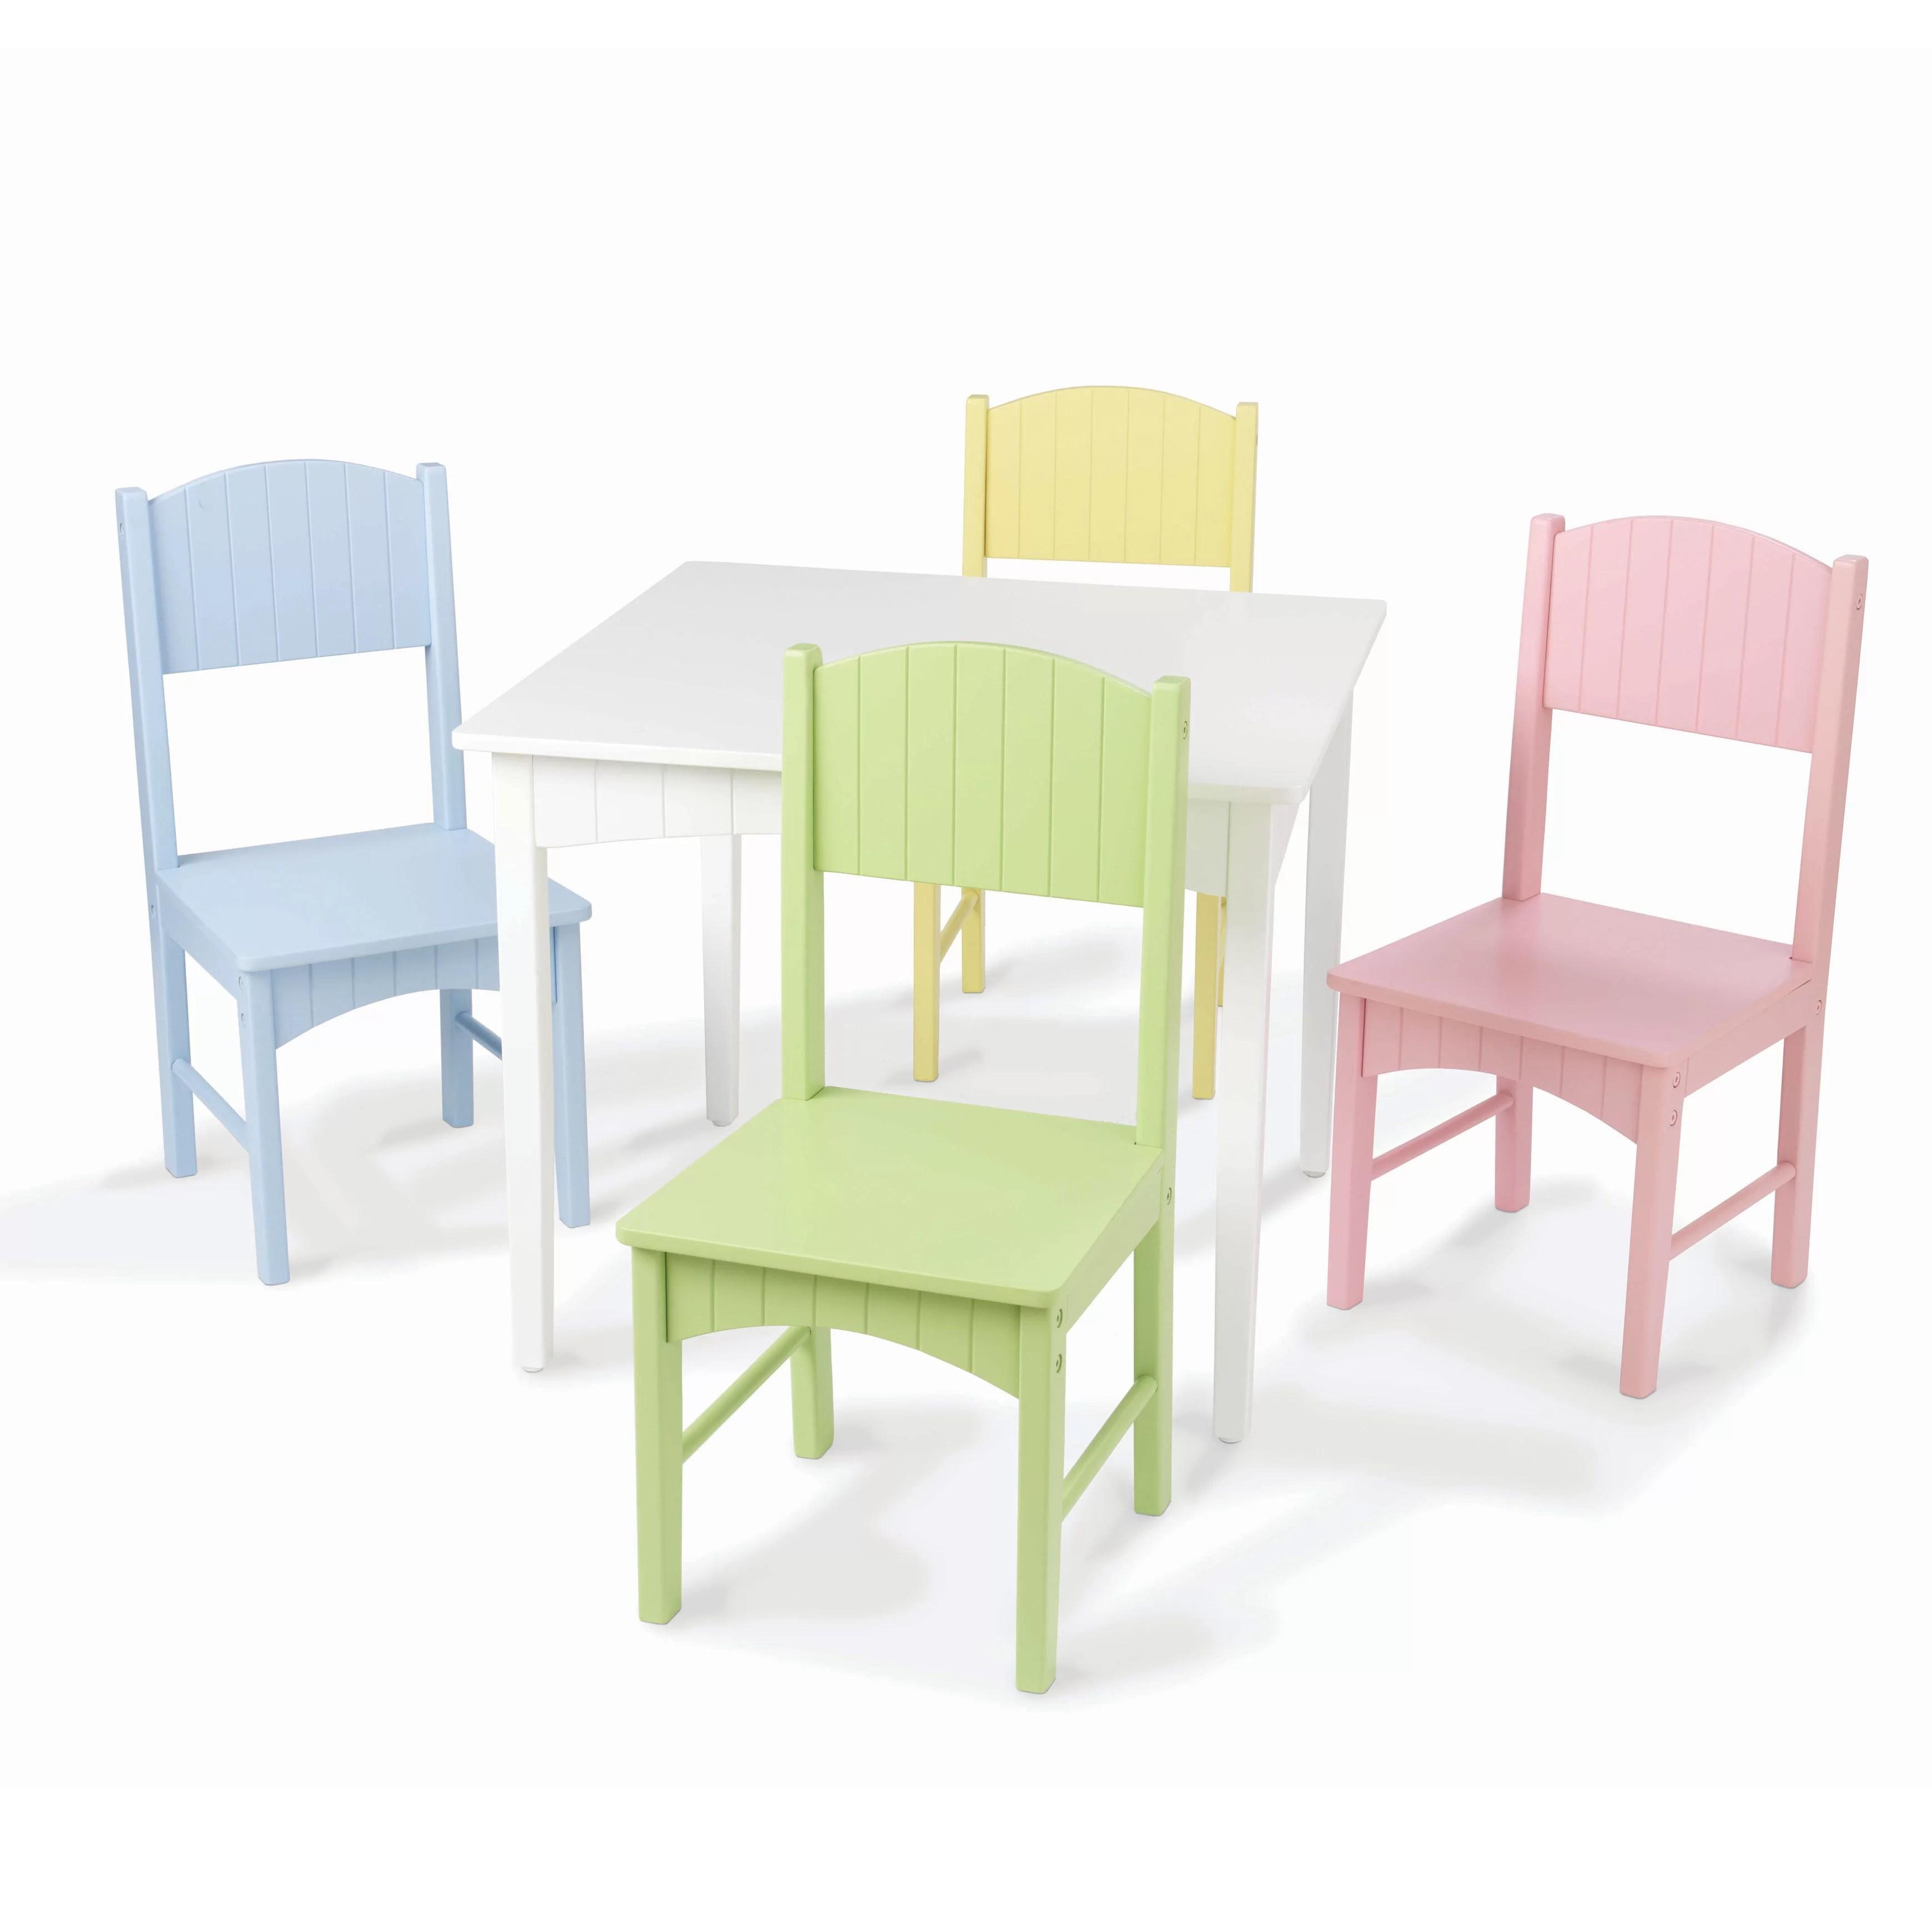 table chair set bungee blue kidkraft nantucket kids 5 piece writing reviews wayfair